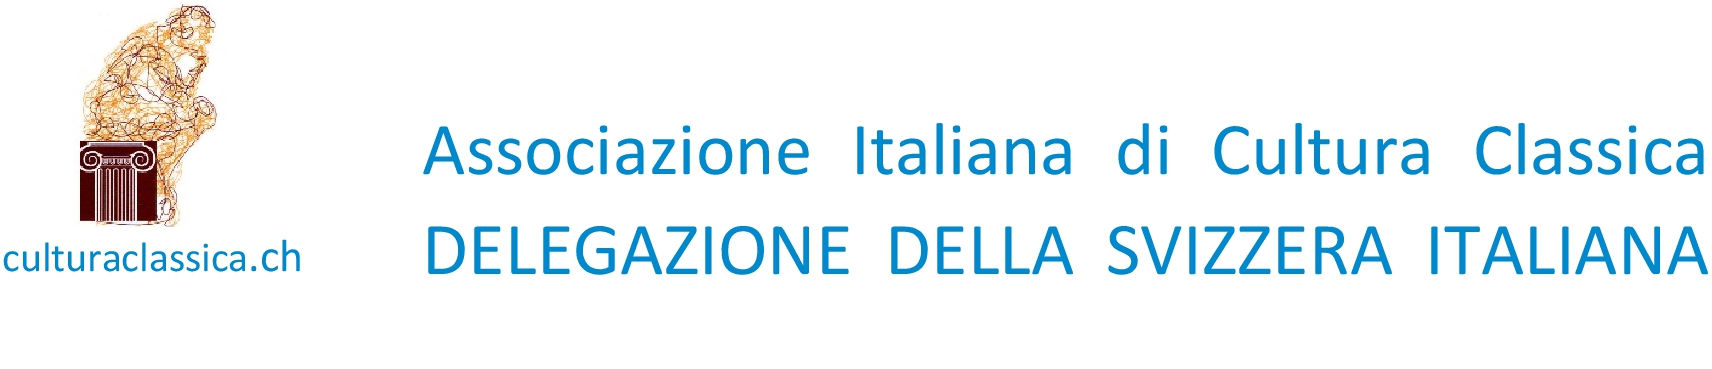 Delegazione Svizzera Italiana AICC